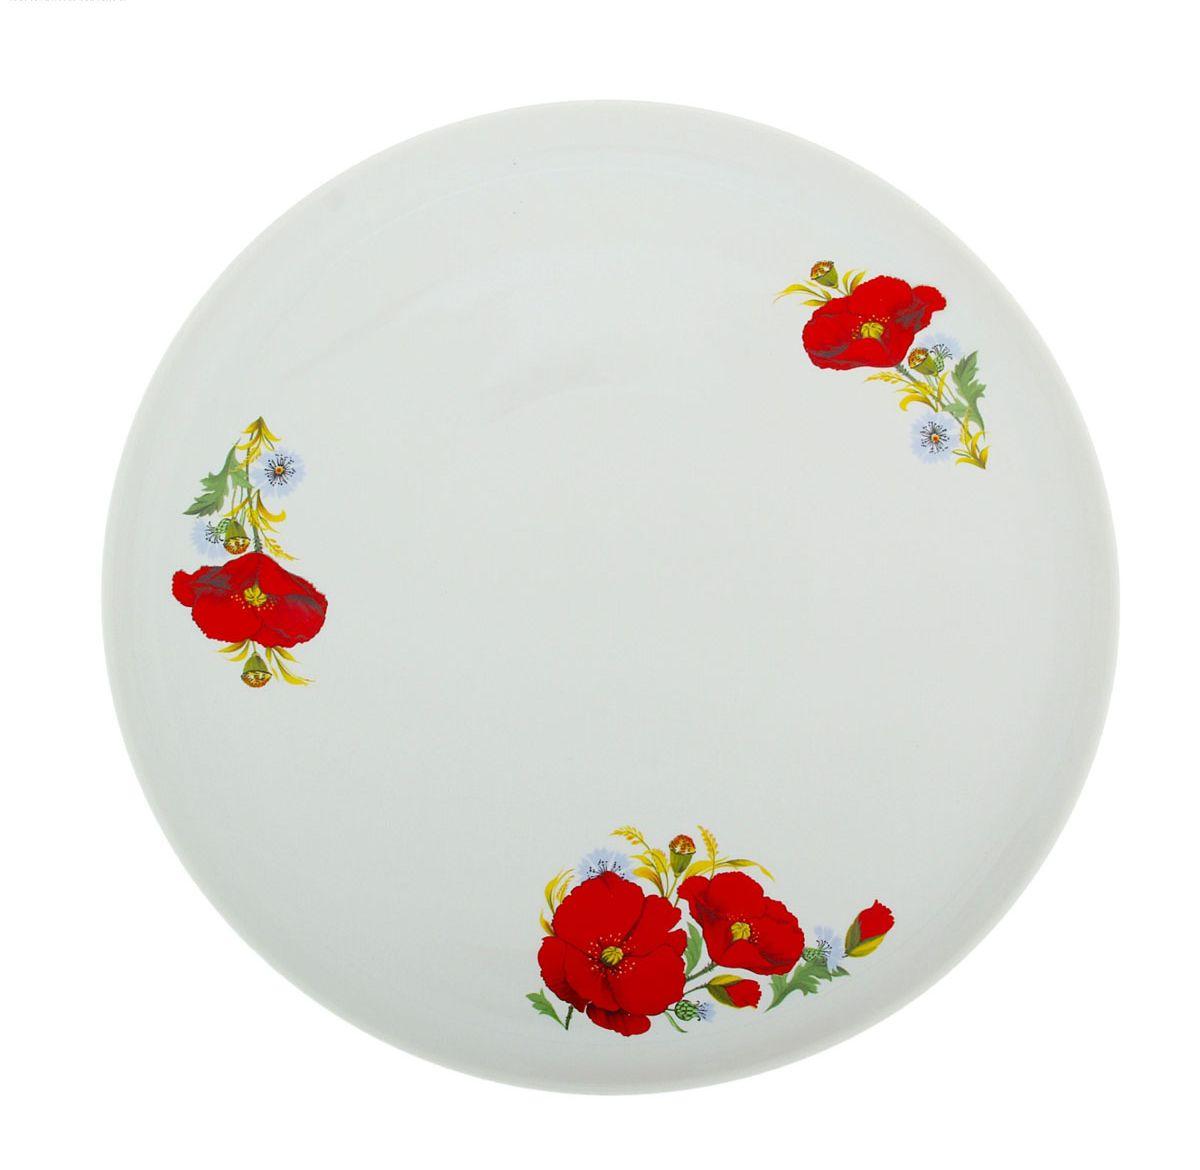 Блюдо для пиццы Красные маки, диаметр 30 см9С0613Оригинальное круглое блюдо Красные маки, изготовленное из фарфора с глазурованным покрытием, идеально подойдет для подачи пиццы, а также других блюд. Оно украсит ваш кухонный стол, а также станет замечательным подарком к любому празднику.